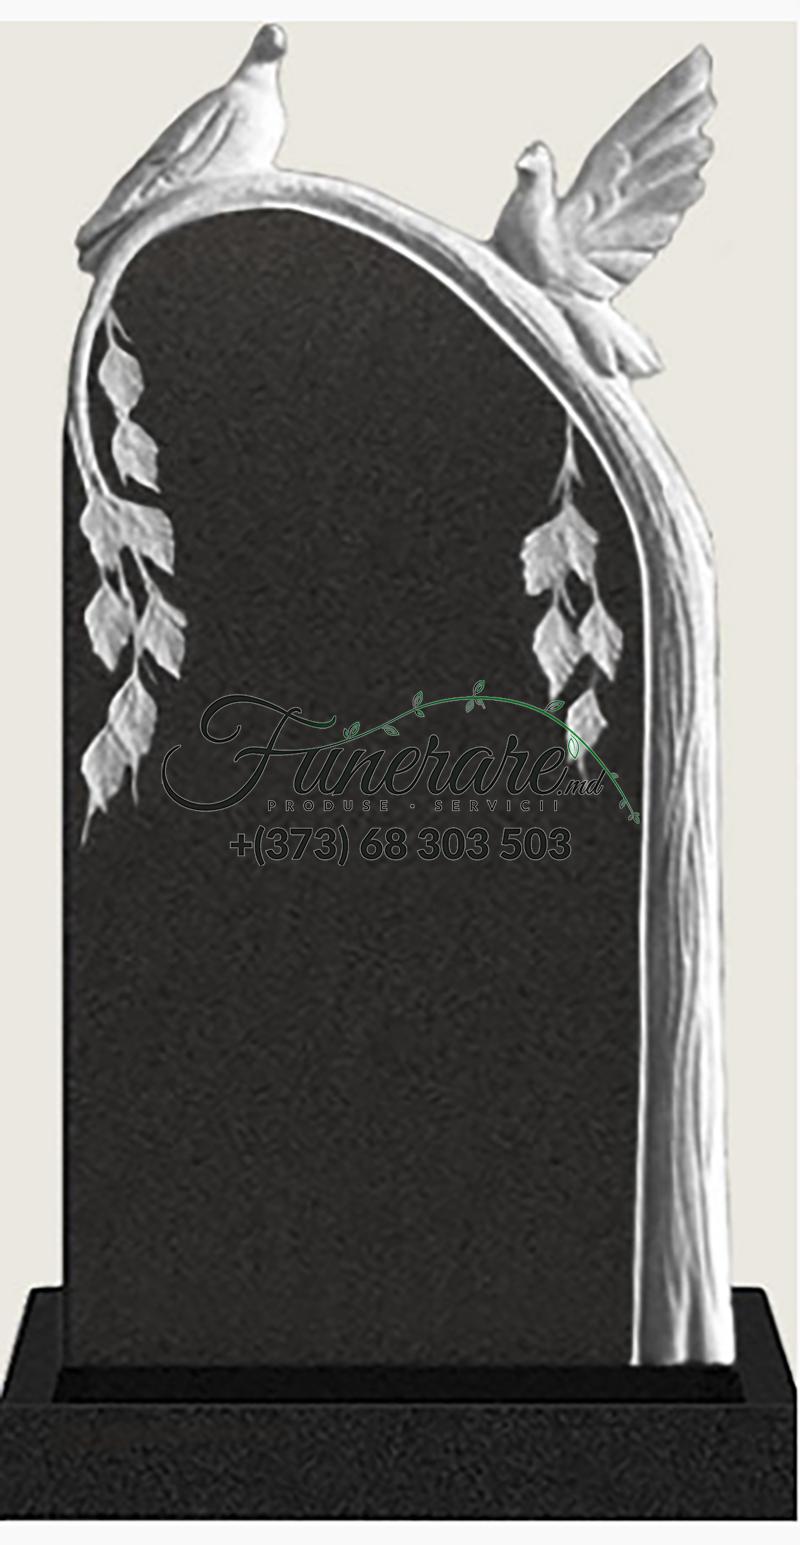 Monument granit negru 0151